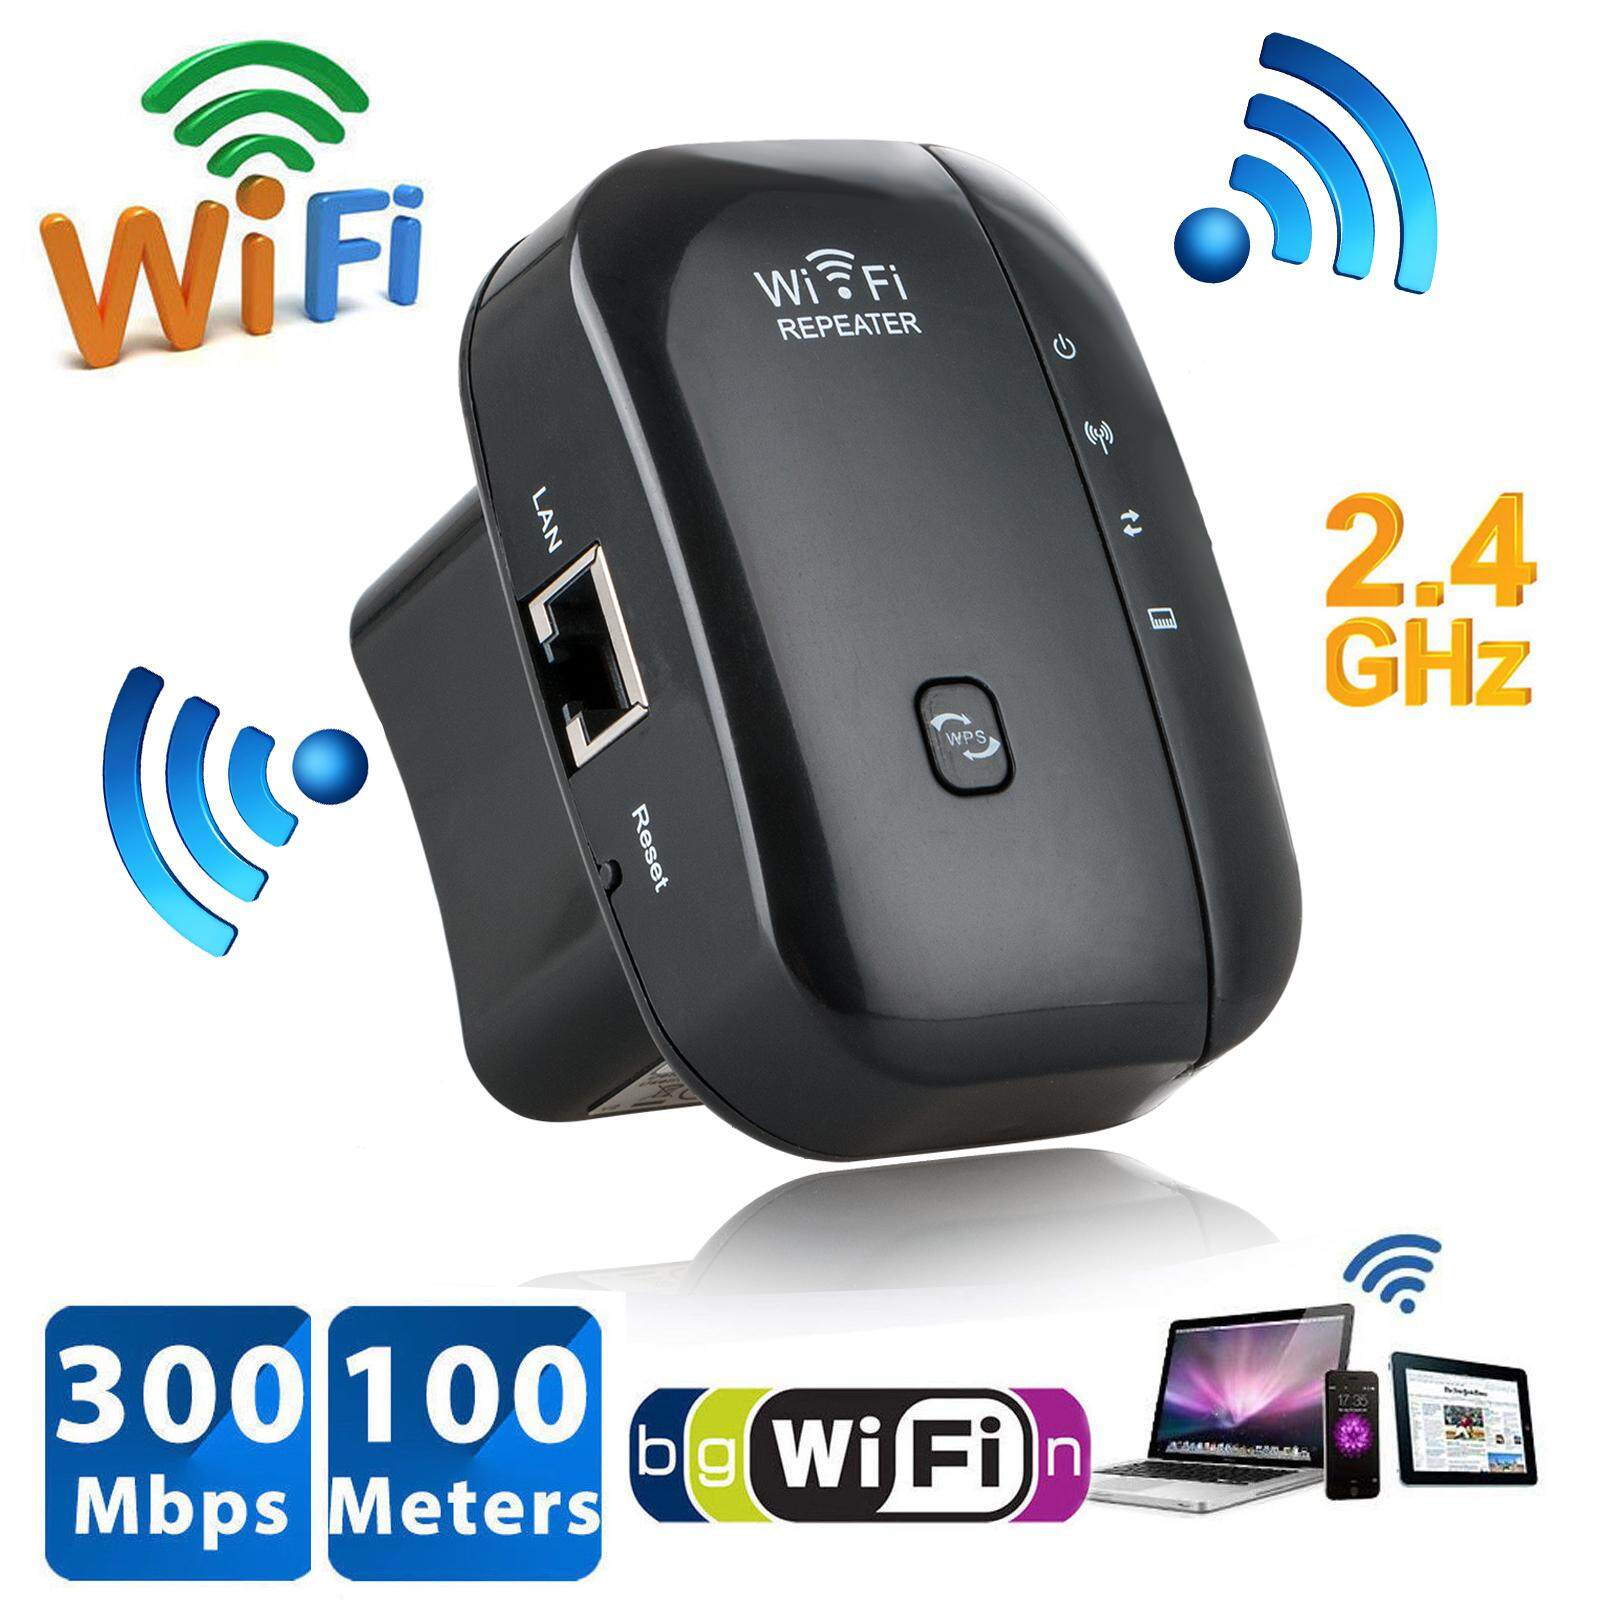 ตัวรับสัญญาณ Wifi ตัวดูดเพิ่มความแรงสัญญาณไวเลส Wifi Repeater ตัวกระจายอินเตอร์เน็ต 2.4ghz 300mbps (สีดำ).